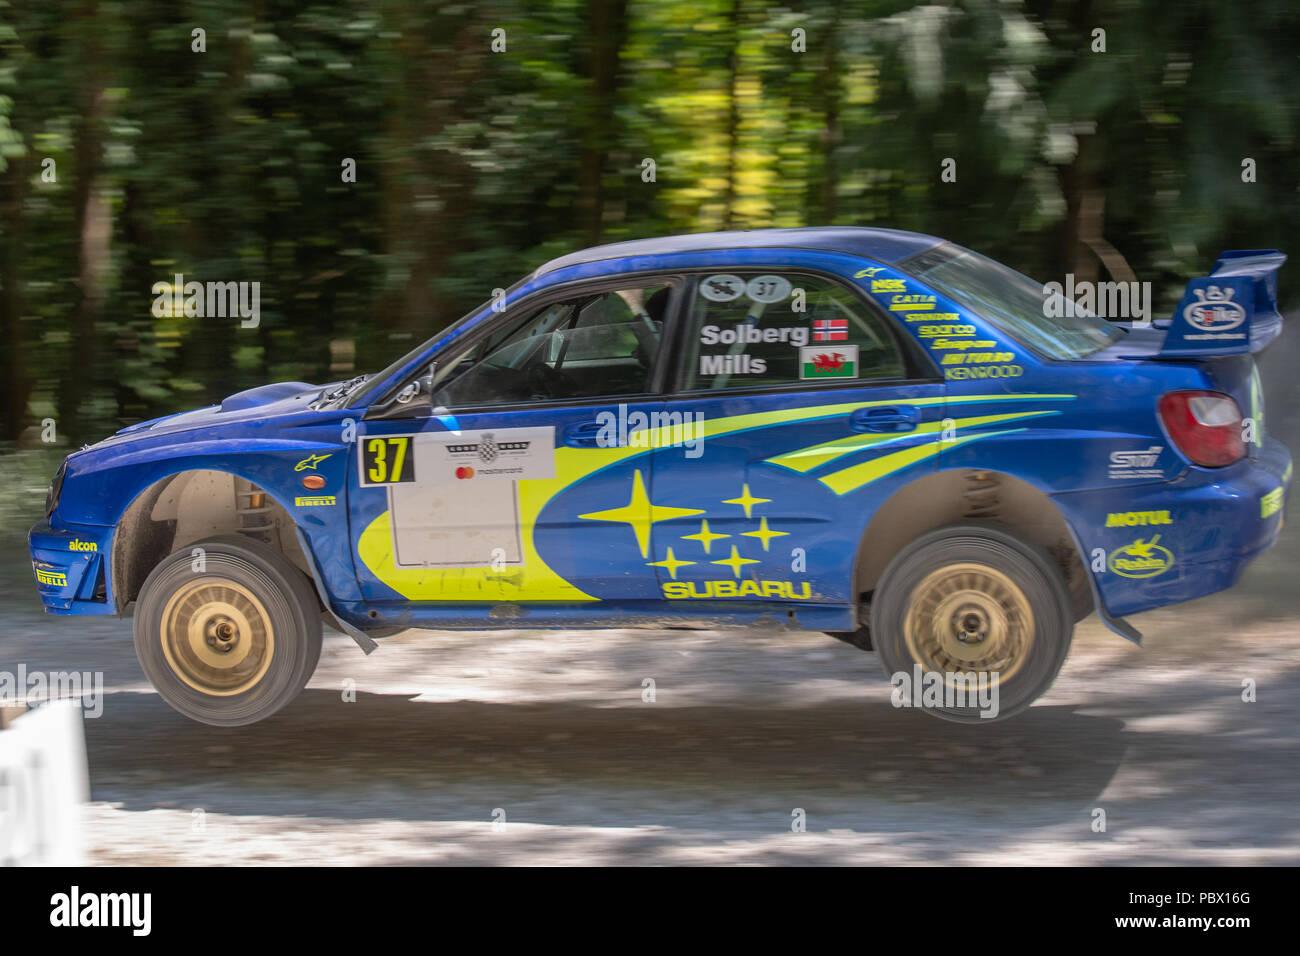 Eine air Bourne Subaru Impreza rallye auto im Wald Stufen des Goodwood Festival der Geschwindigkeit 2018 Stockbild